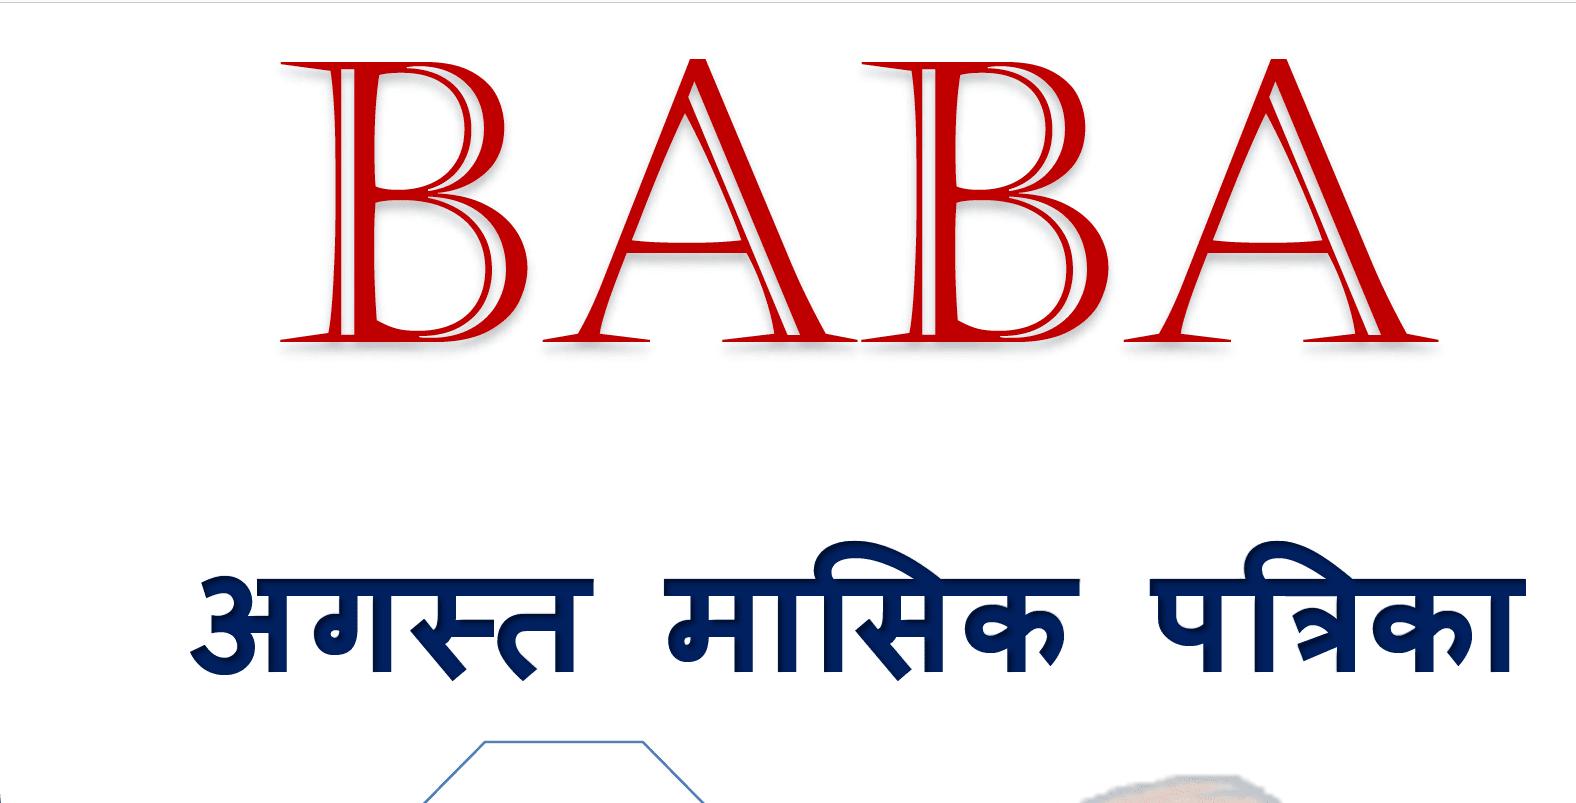 IAS baba मासिक करंट अफेयर्स अगस्त 2020